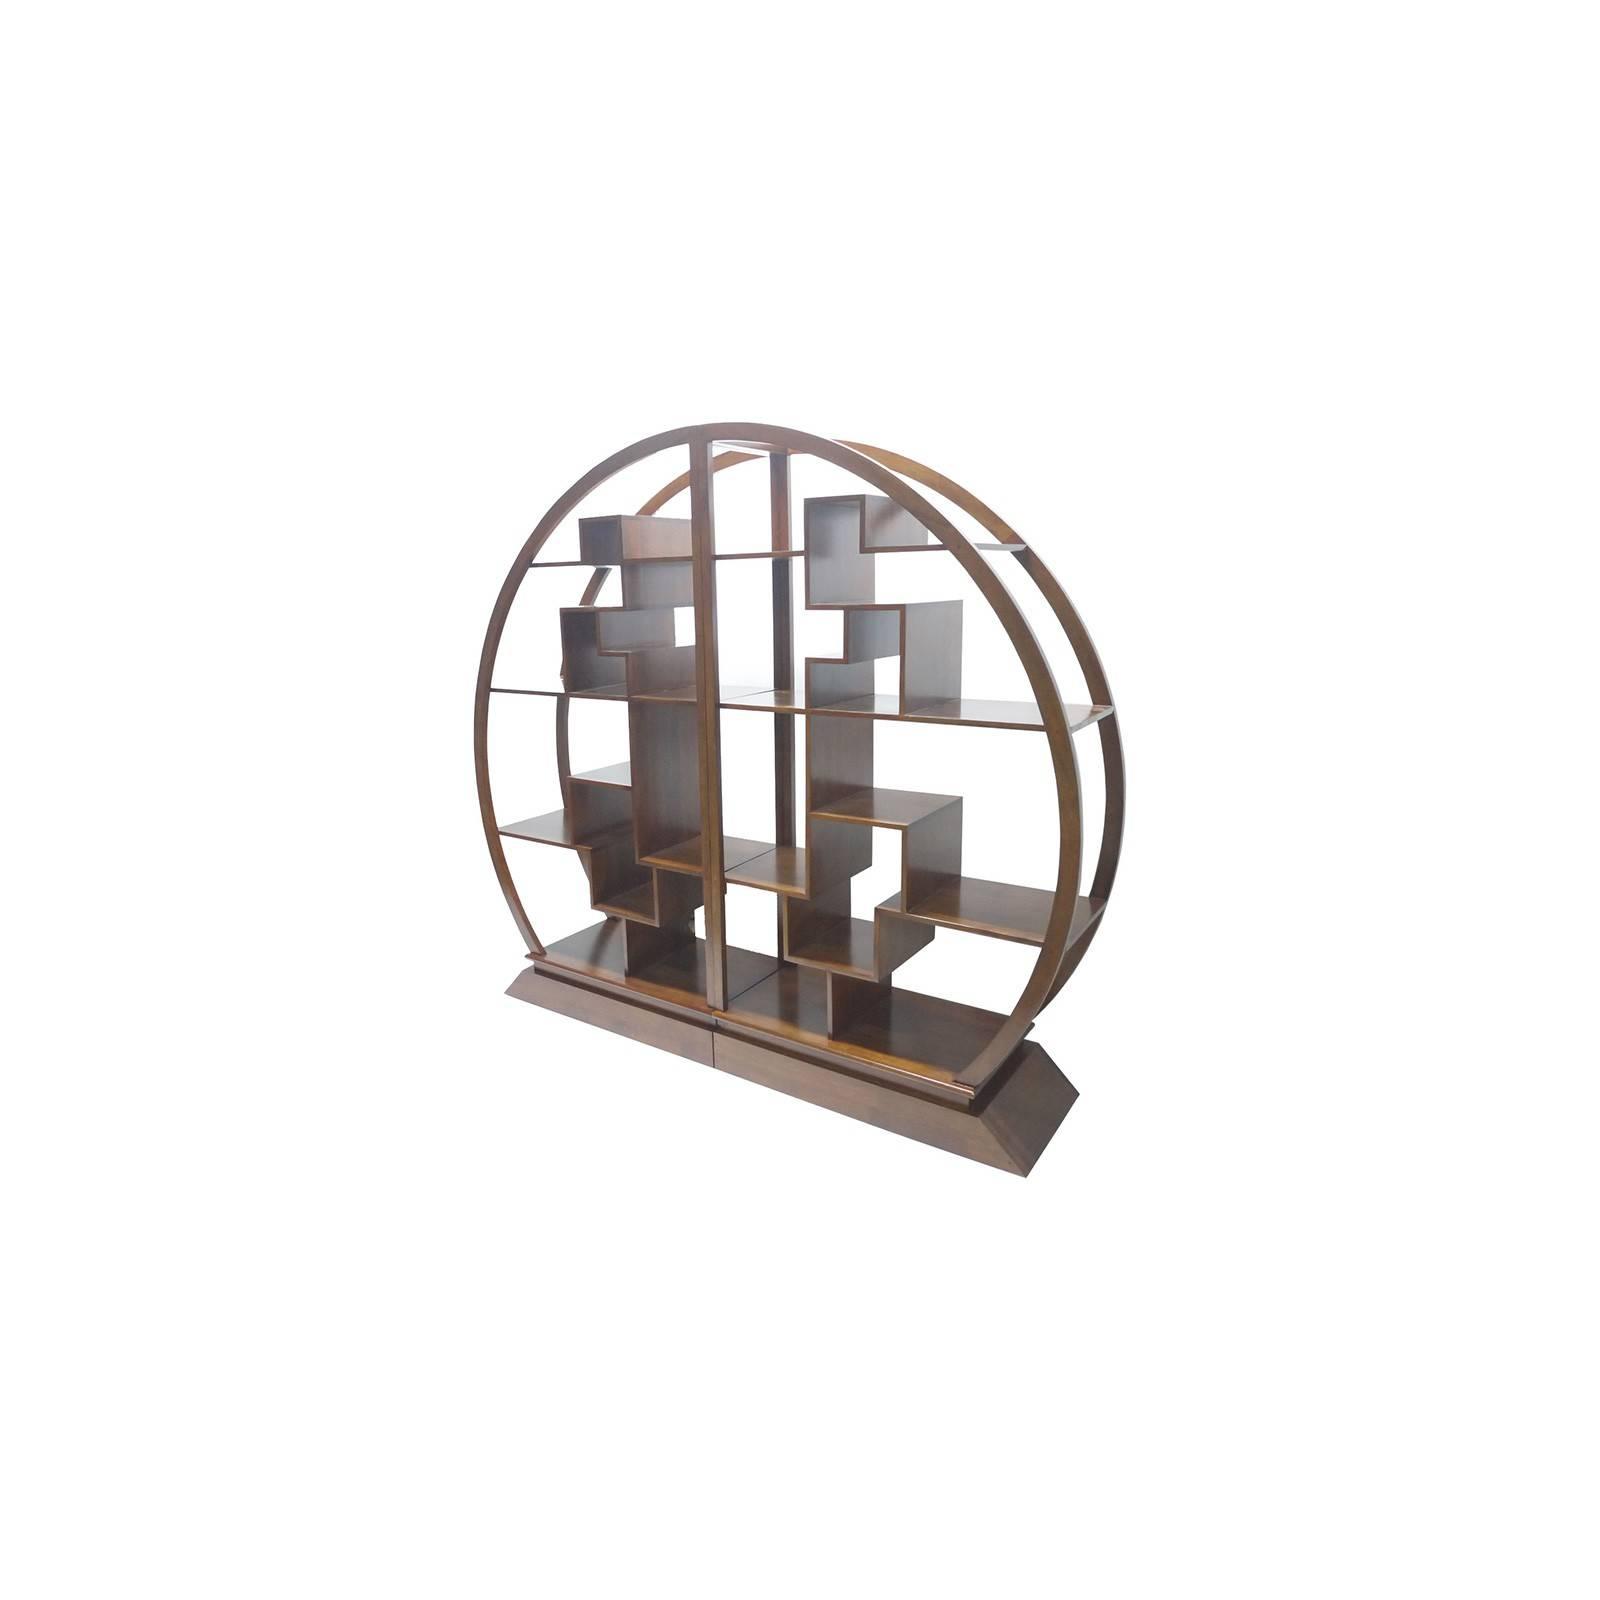 Étagère ronde en bois exotique. Meuble original Omega